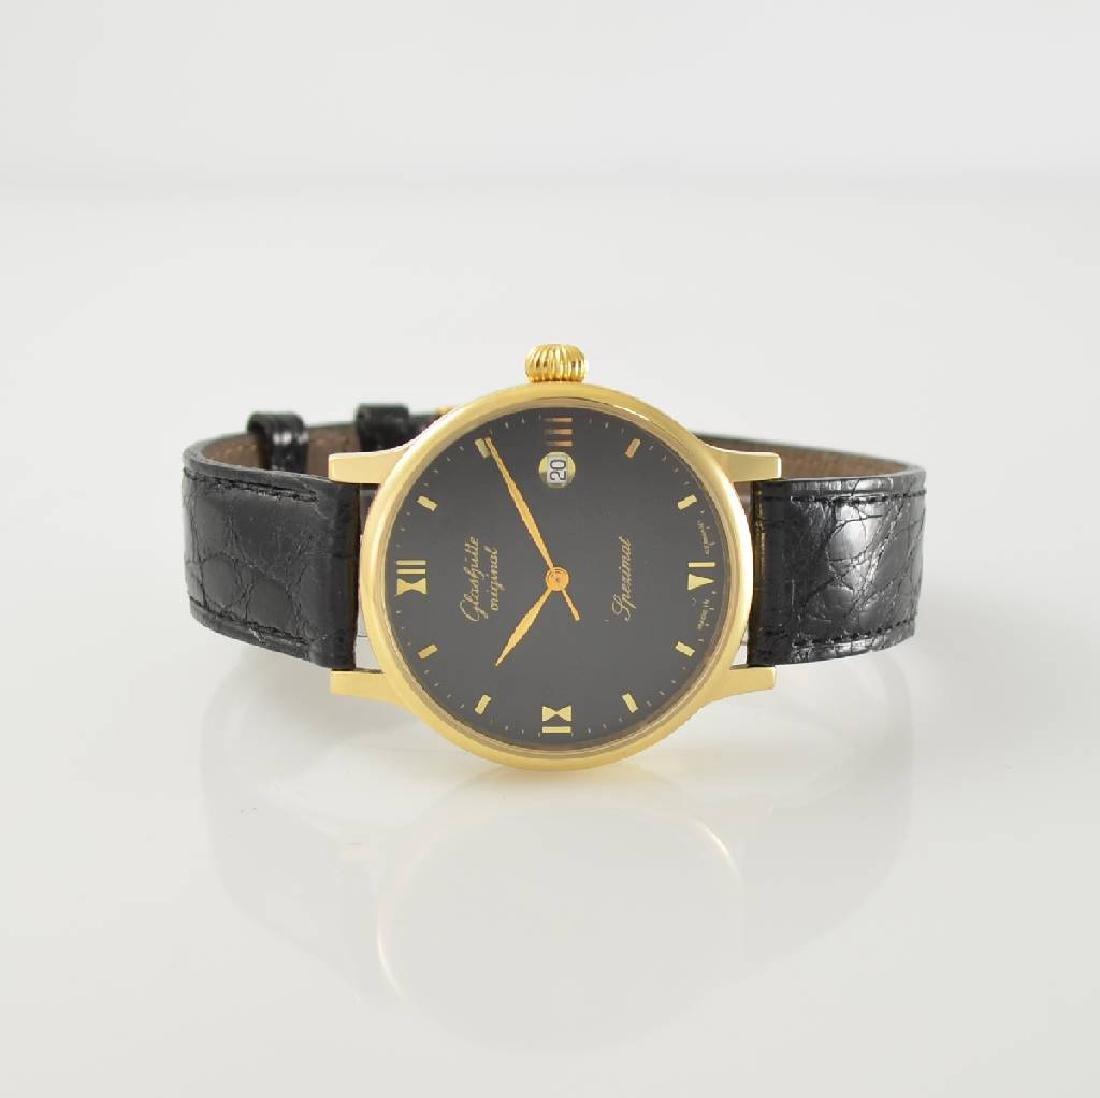 GLASHUTTE ORIGINAL Spezimat gents wristwatch